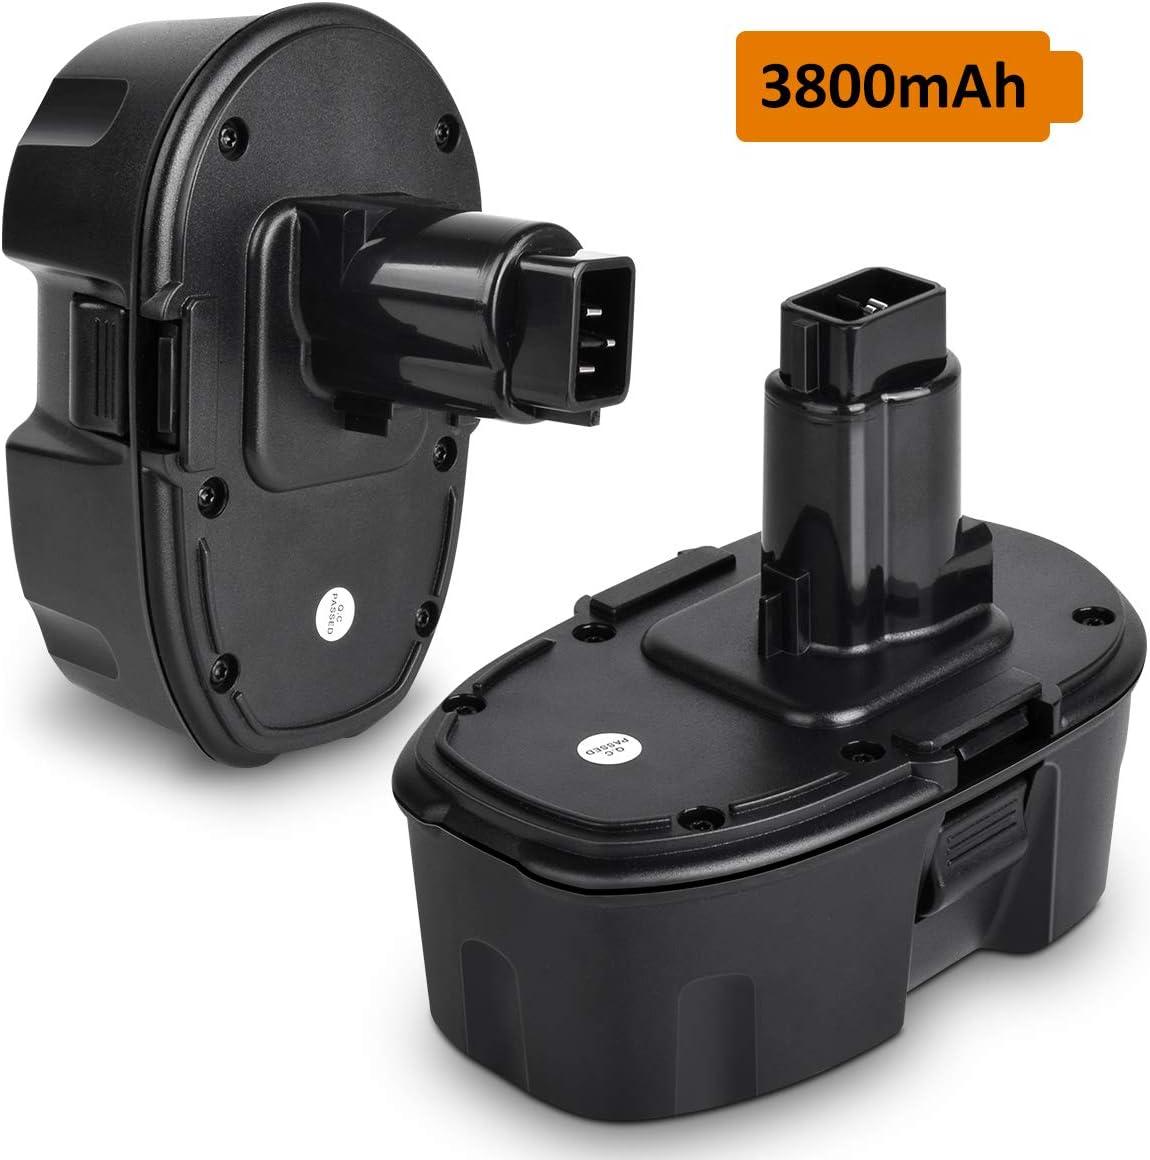 2Pack 3800mAh Replacement for Dewalt 18v Battery XRP DC9096 DC9098 DC9099 DE9038 DE9095, DE9096, DW9095 DW9096 DW9098 3.8Ah Ni-Mh Batteries for 18 Volt Dewalt Batteries